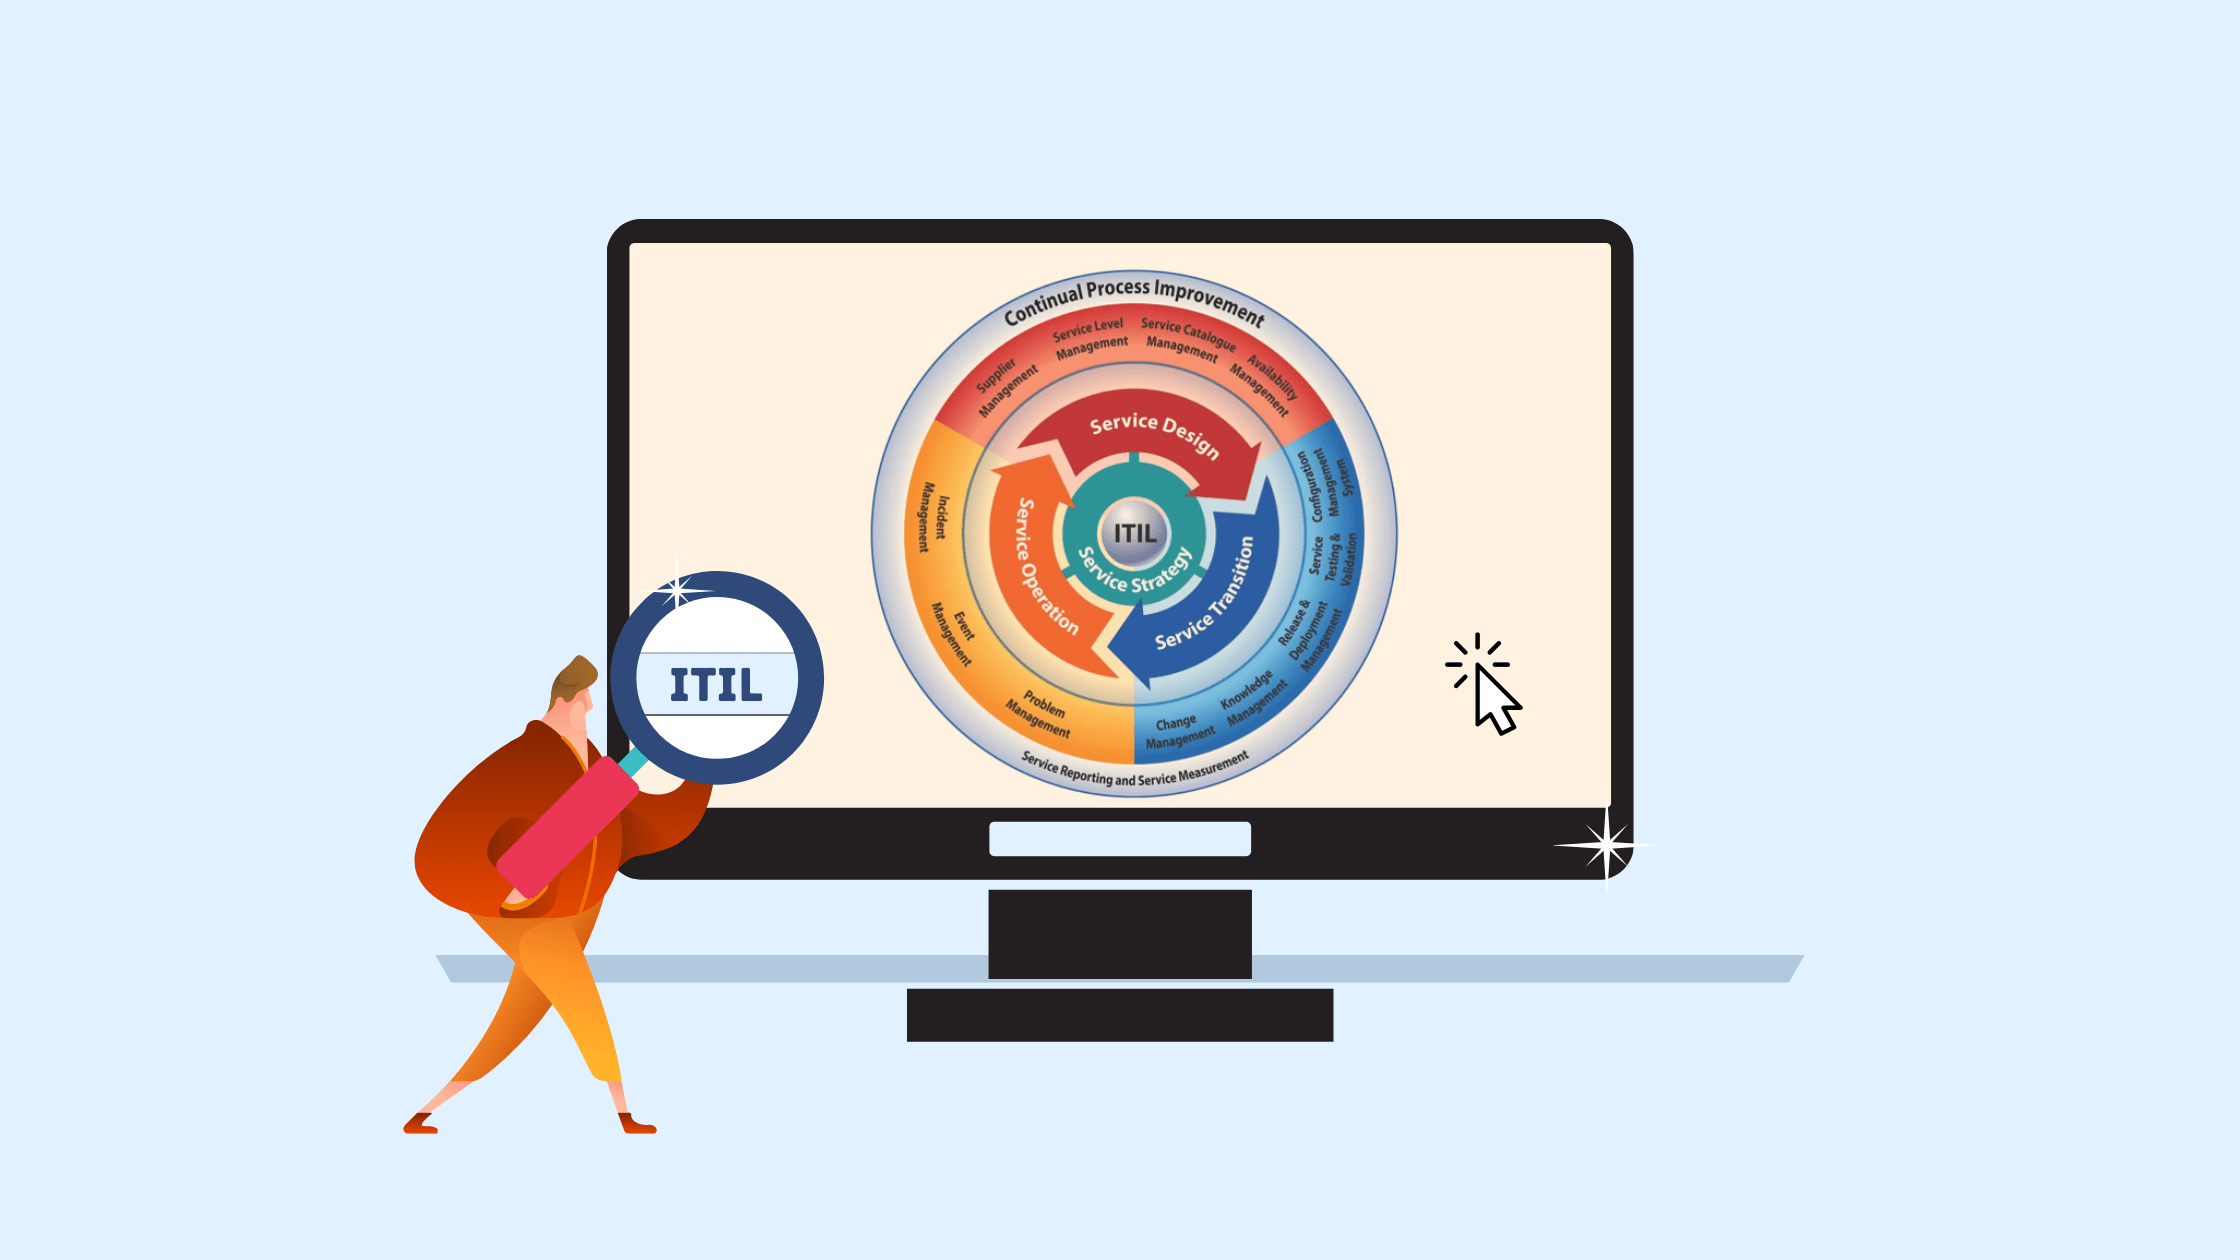 qué es ITIL